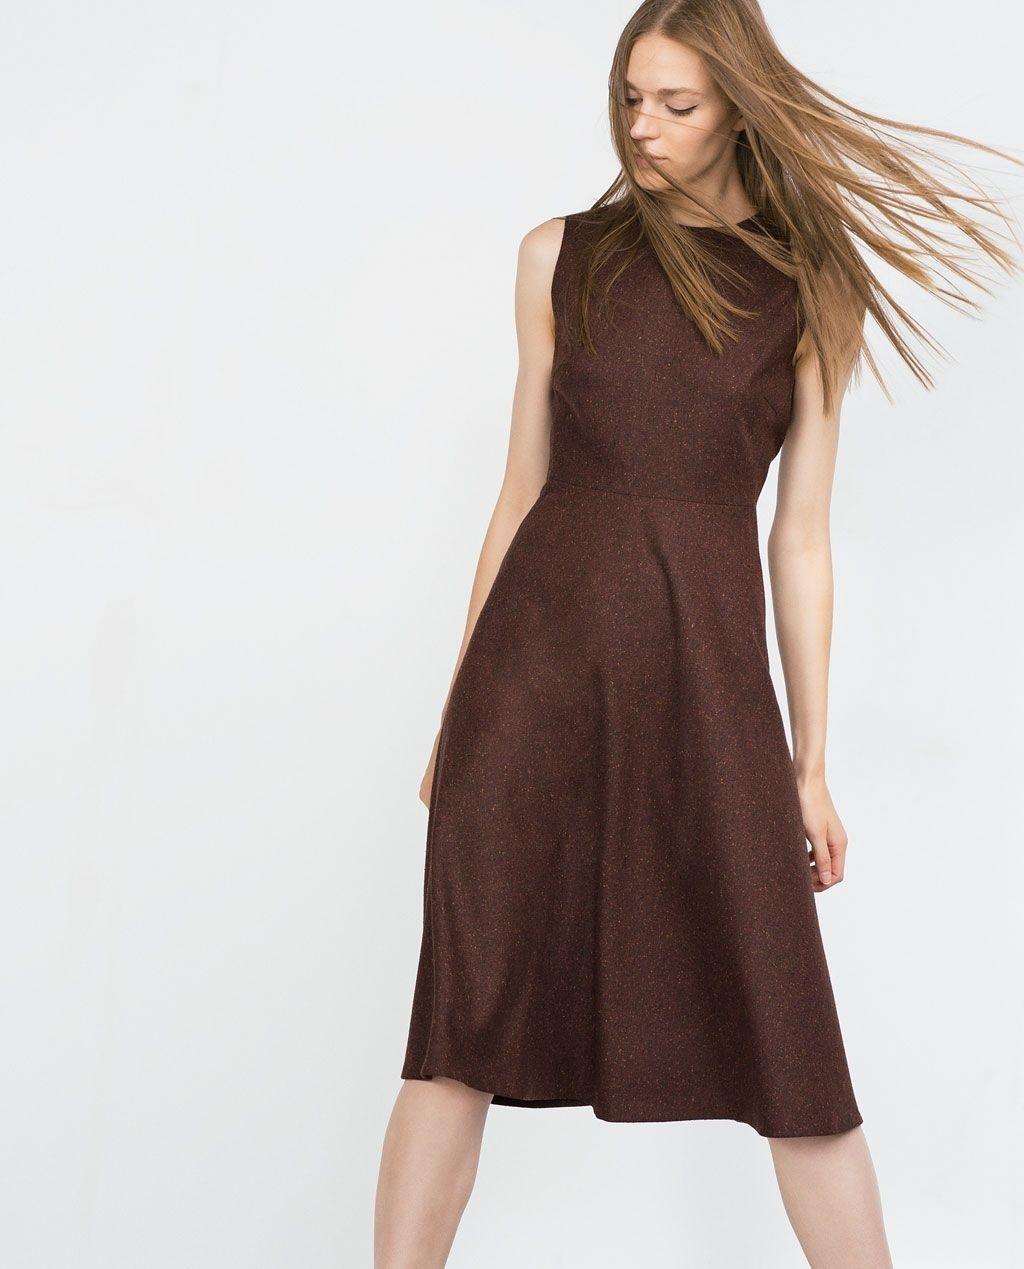 17 Schön Kleid Mit Glockenrock Stylish10 Elegant Kleid Mit Glockenrock Ärmel